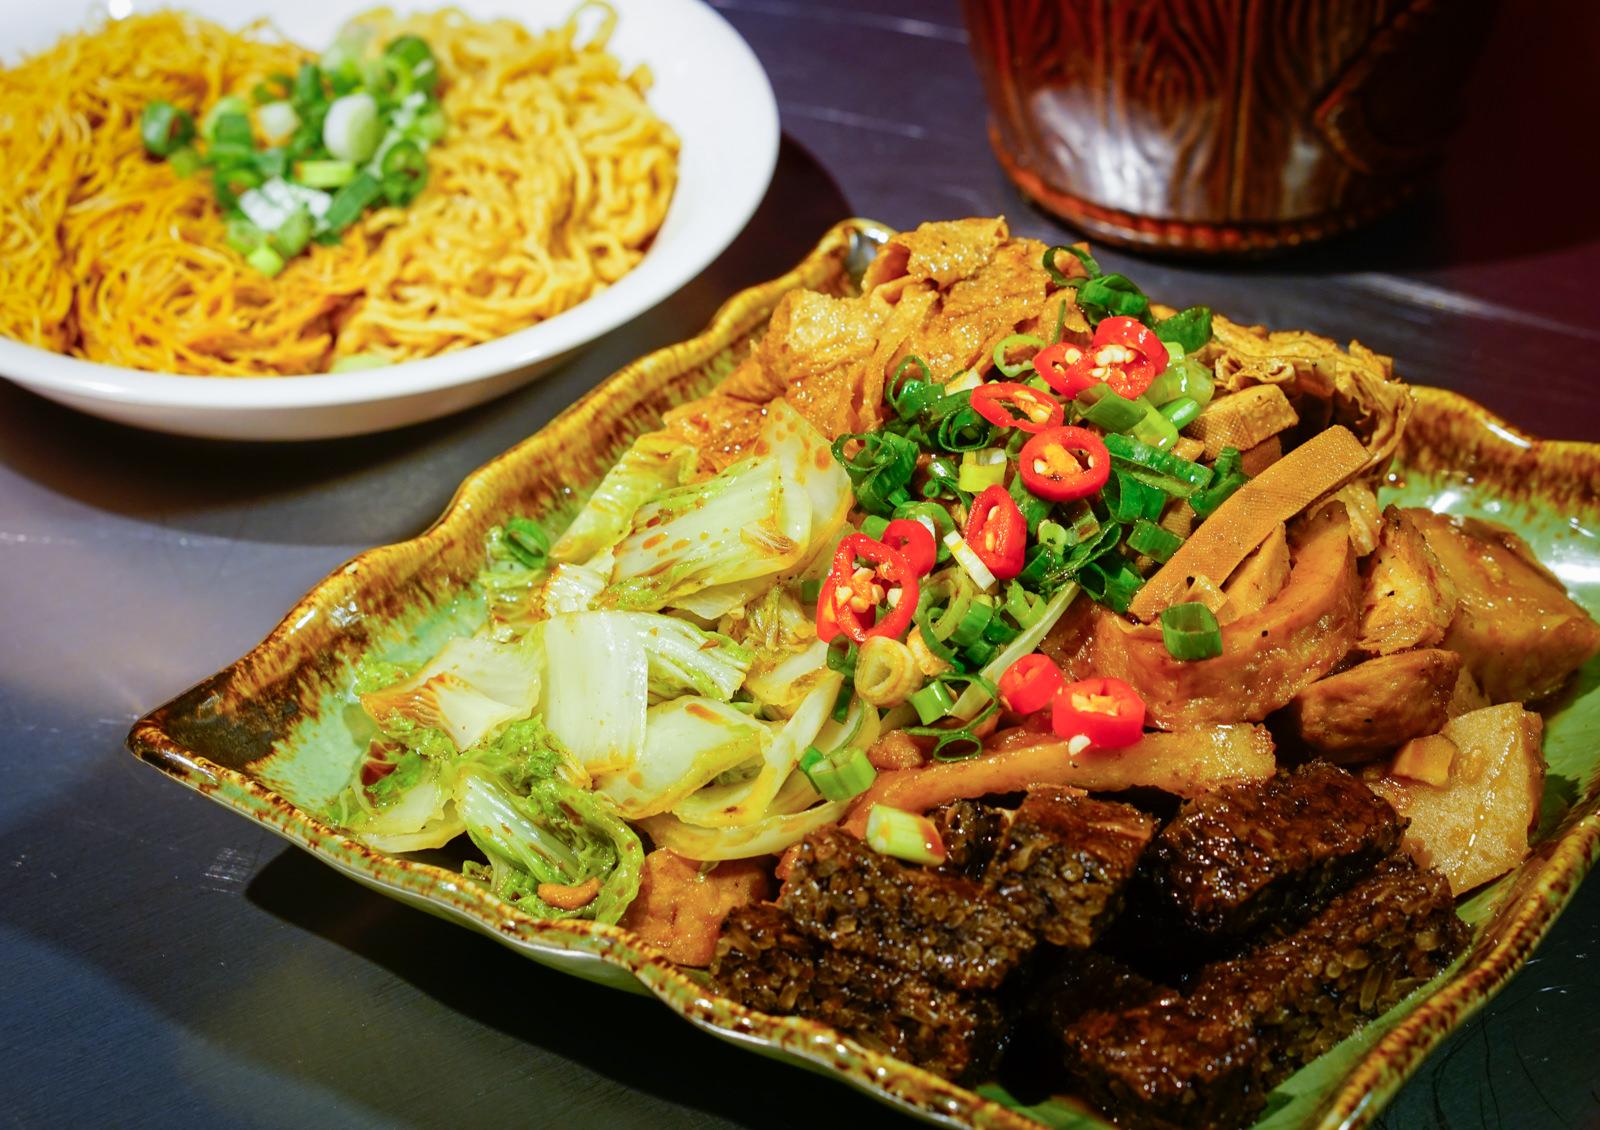 [台南]鳳滷味-傳承媽媽味道的好吃滷味 食尚玩家推薦 台南滷味推薦